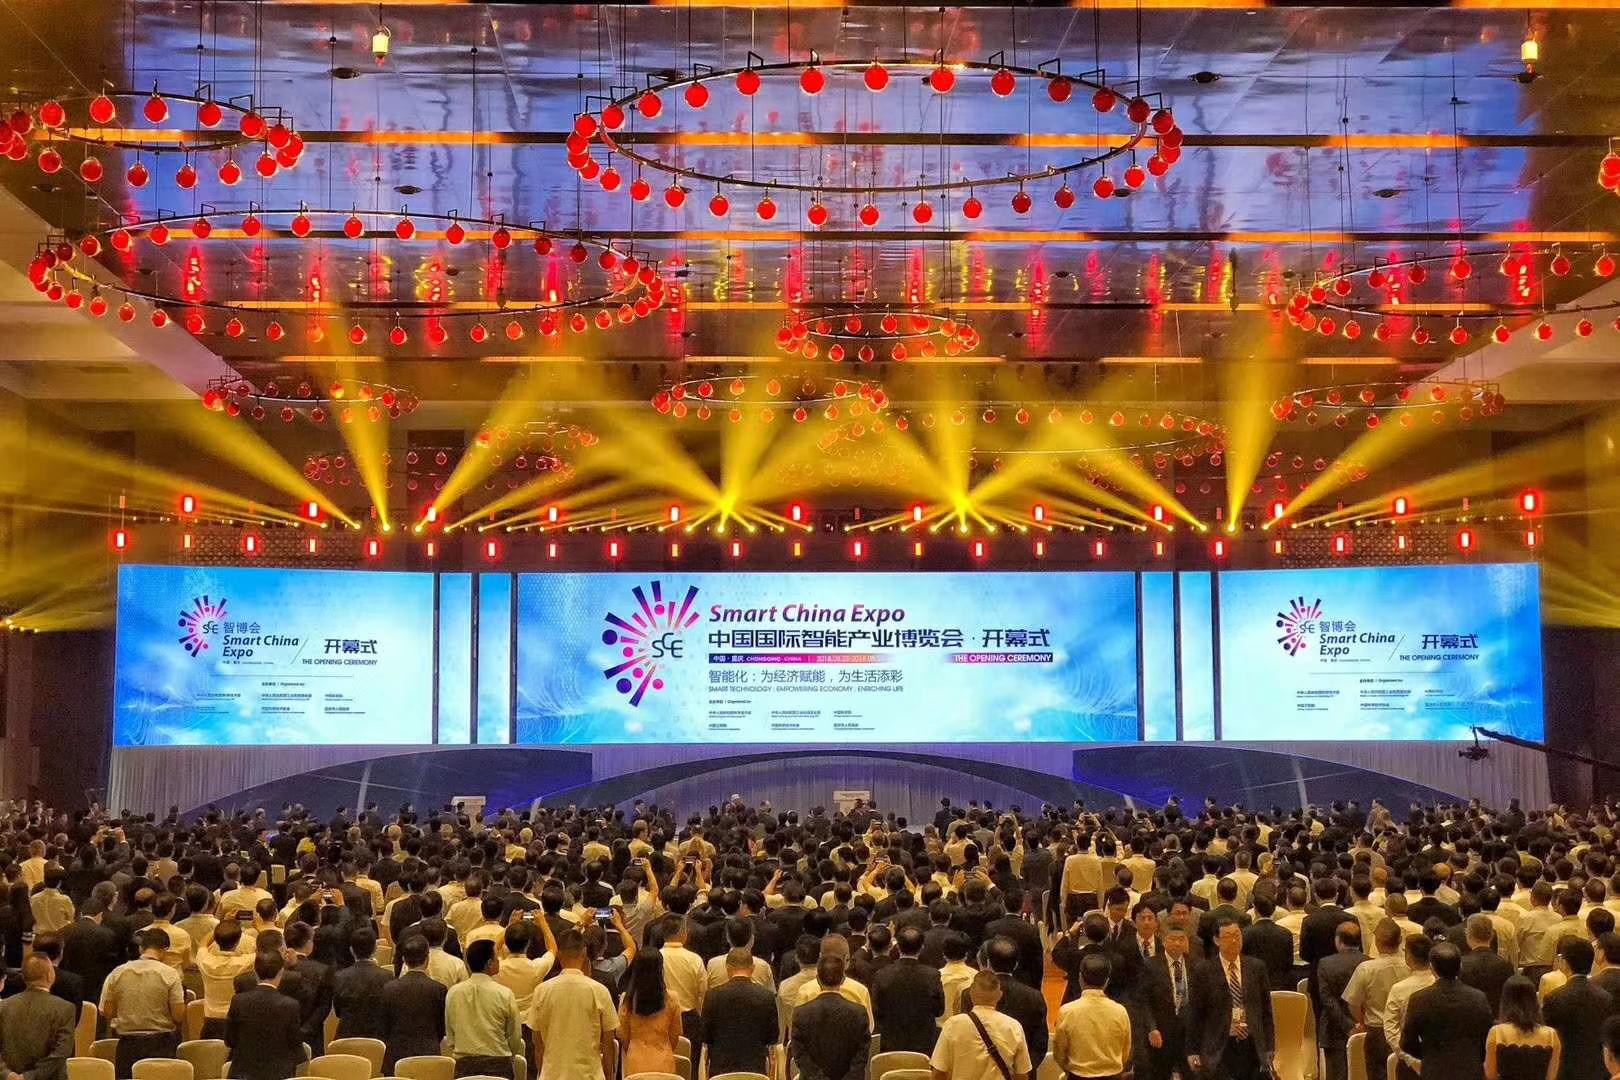 """《王者荣耀》亮相智博会,在""""大数据+智能化""""趋势下打破边界"""